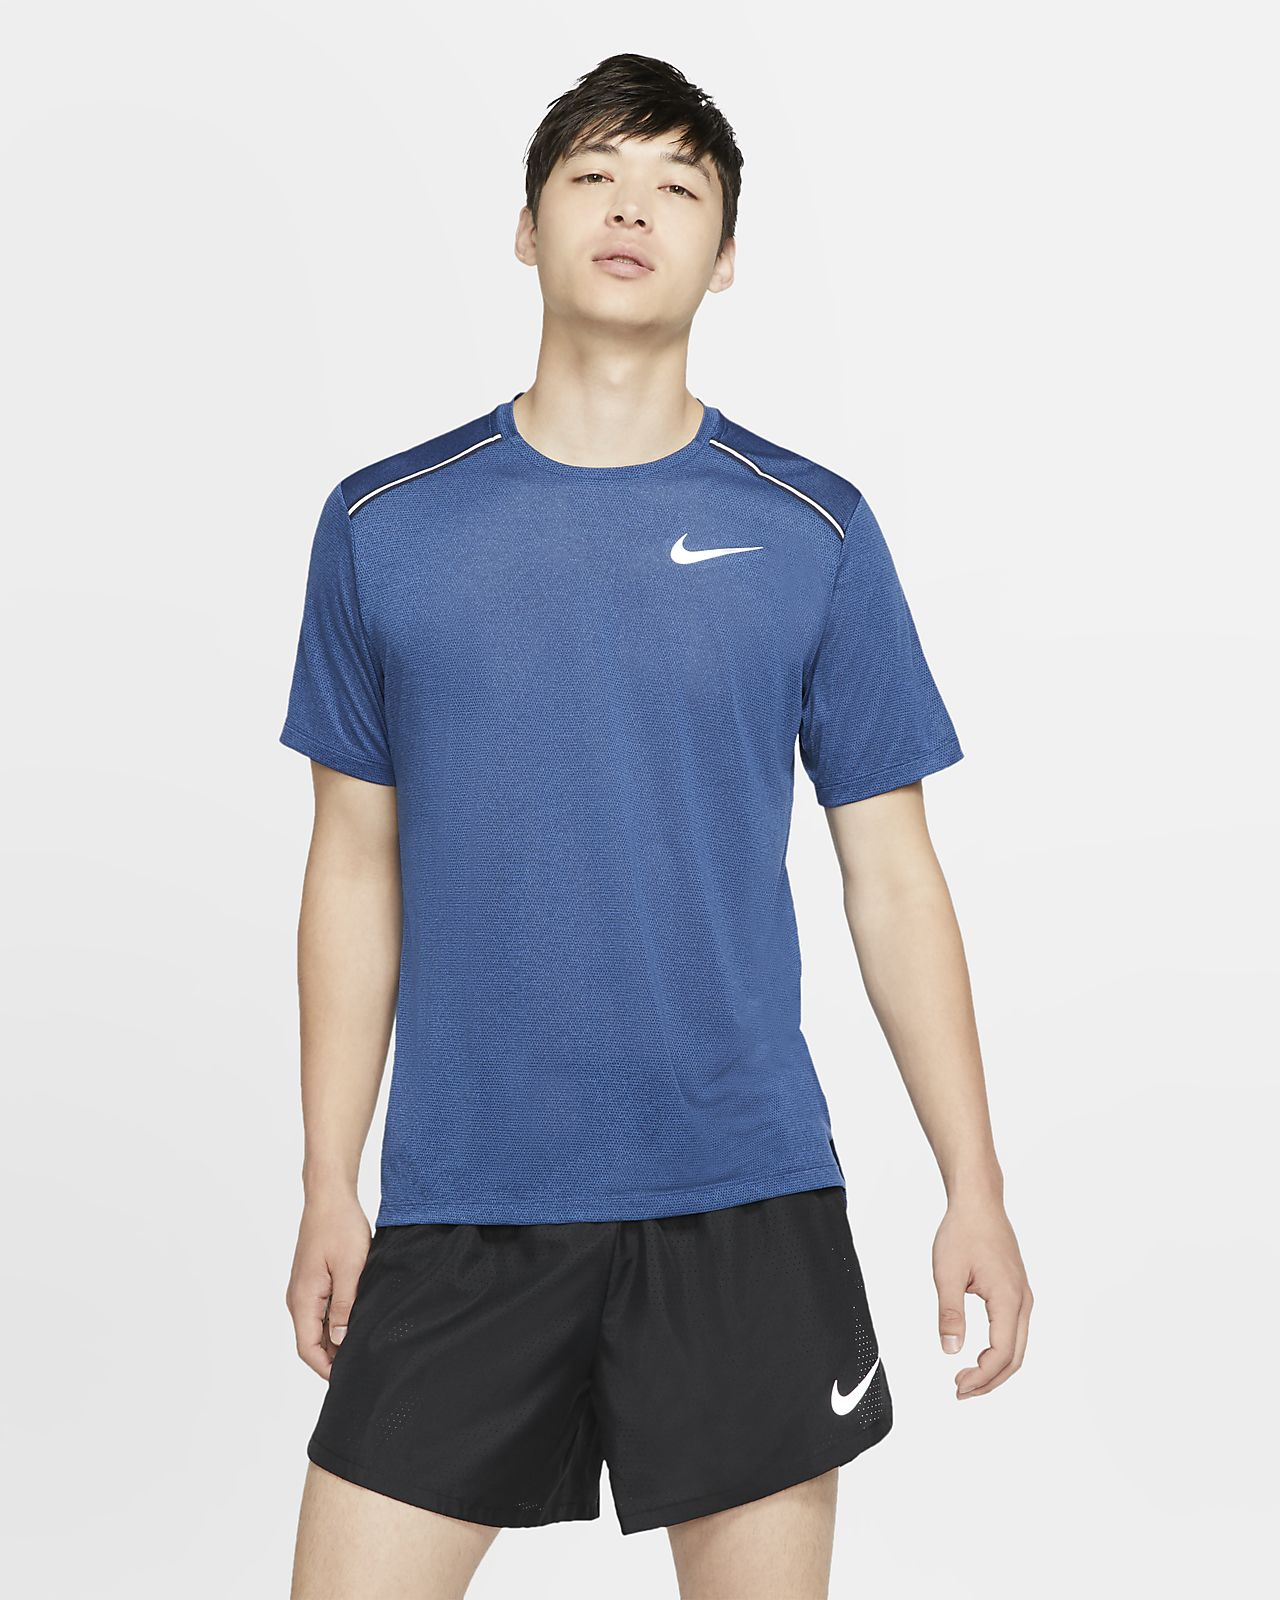 Nike Dri-FIT Miler 男款跑步上衣